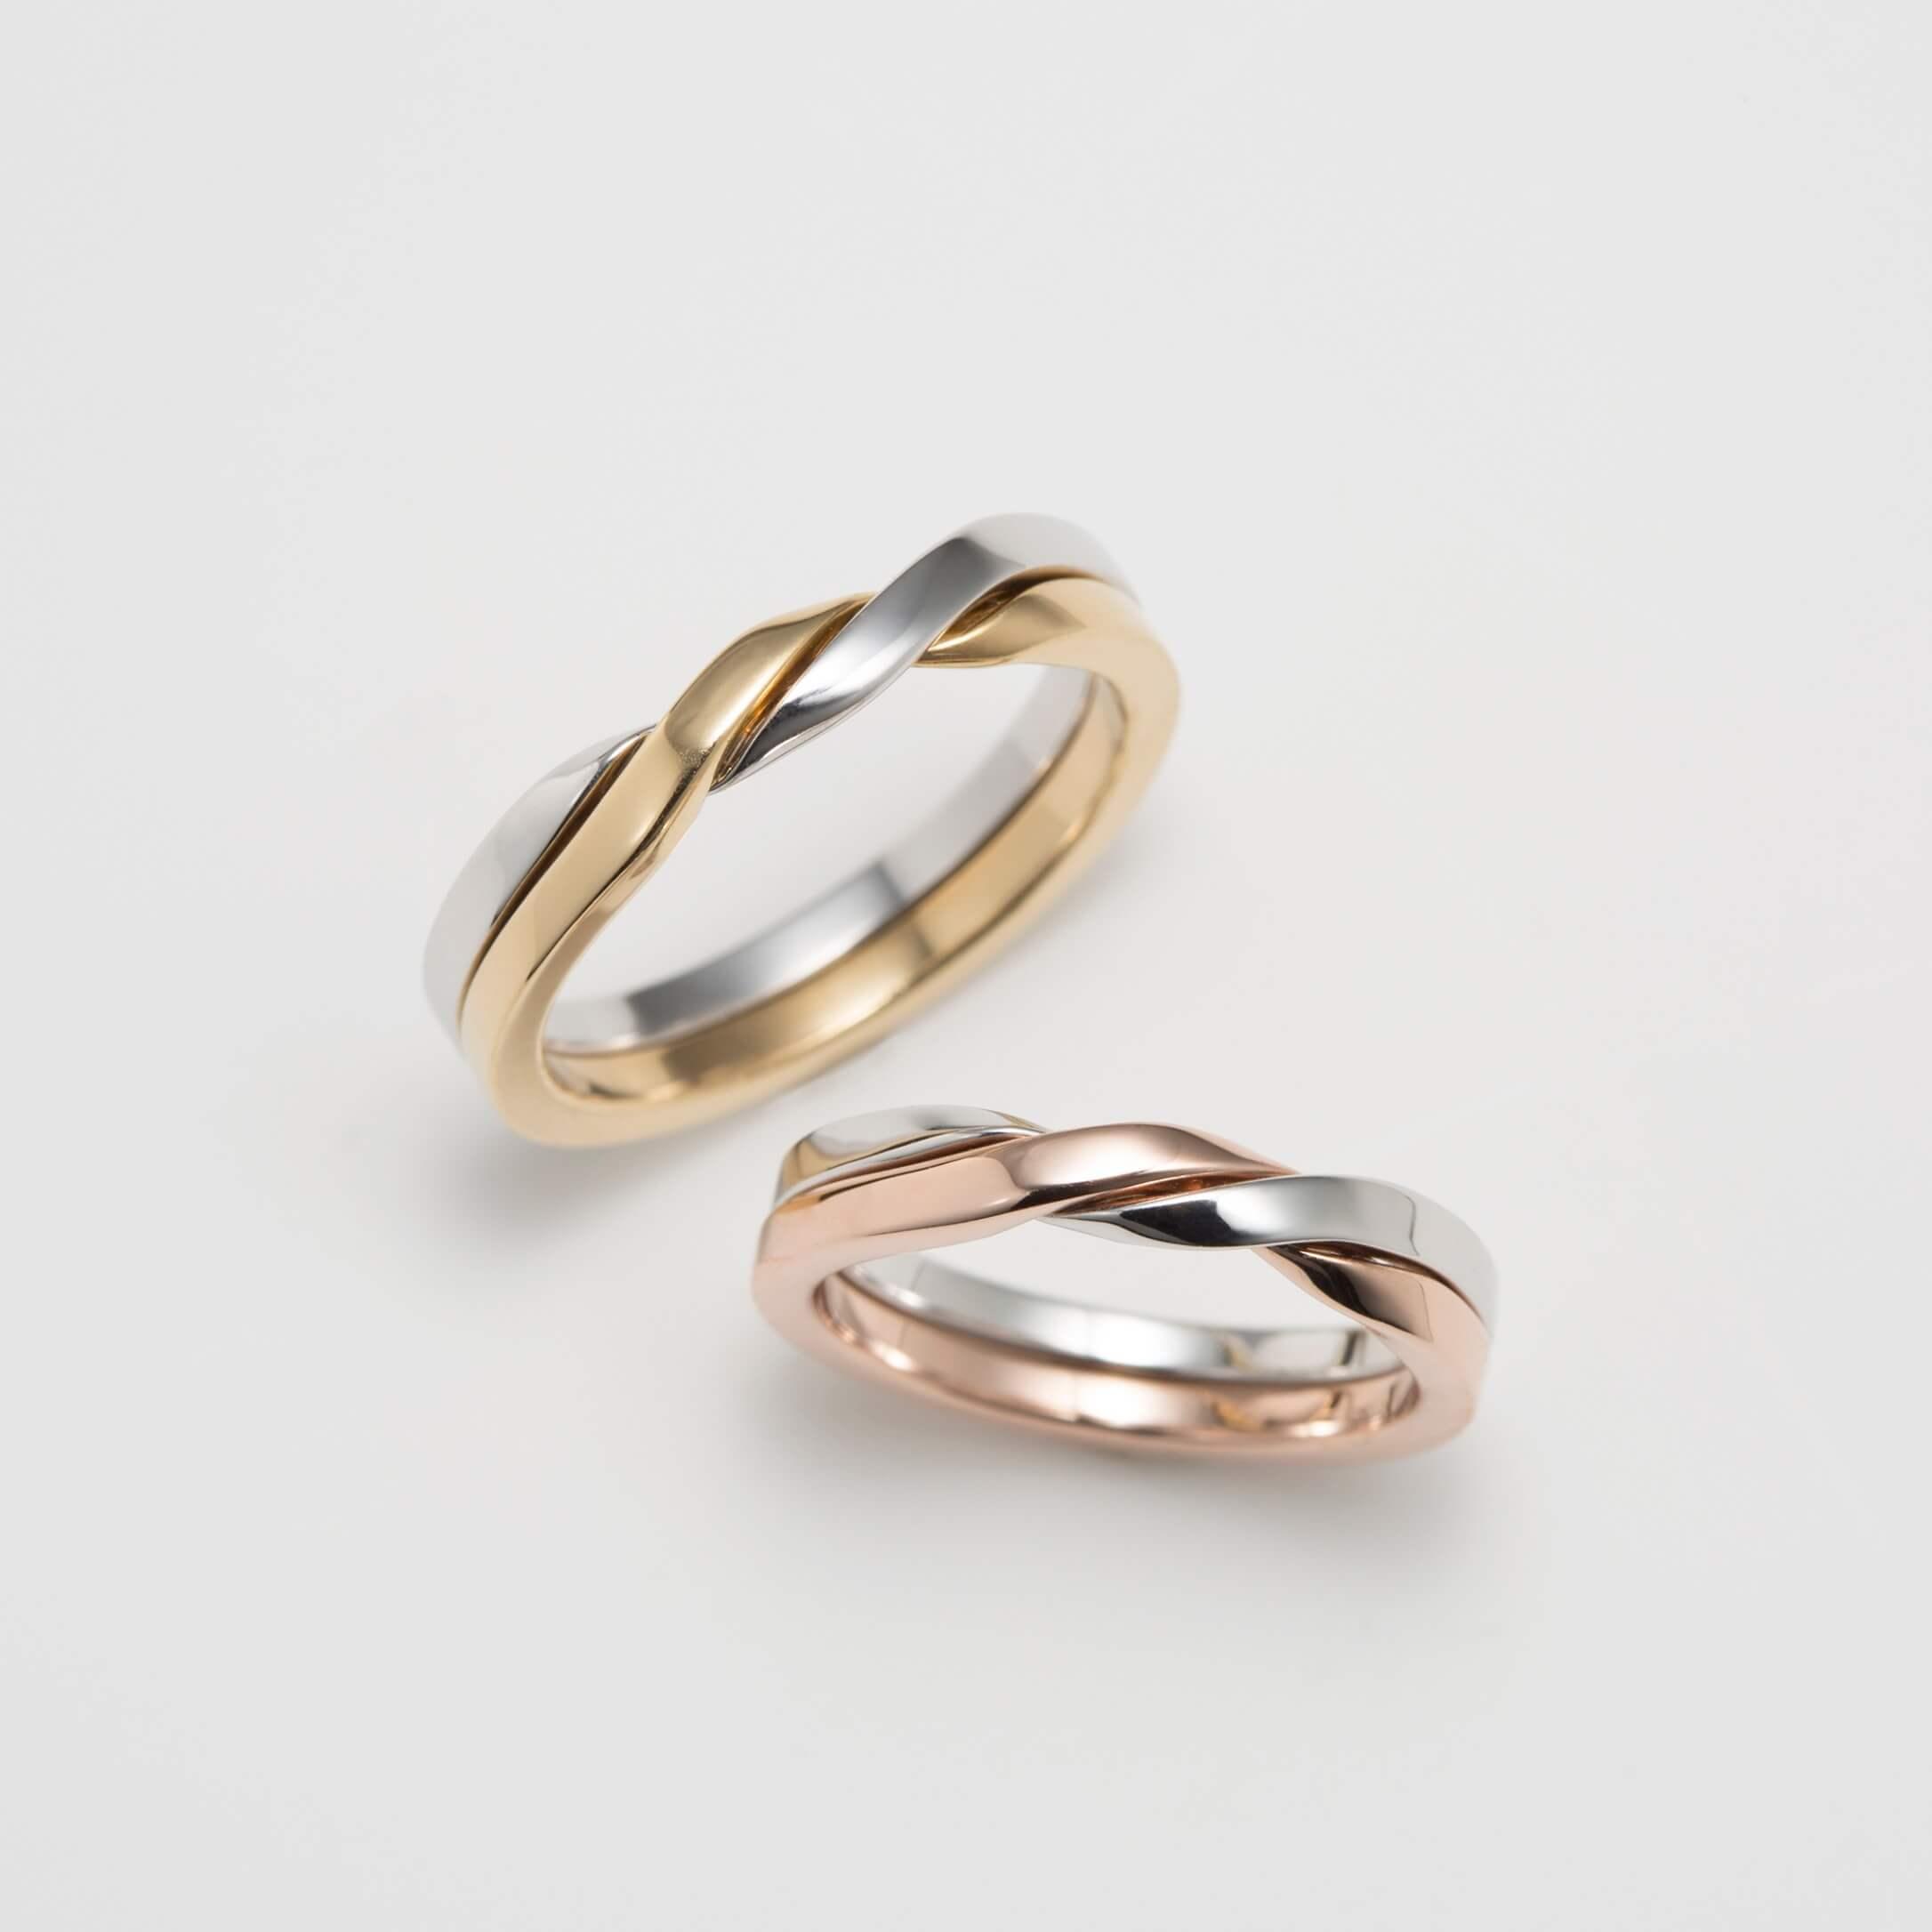 結婚指輪「ギメルリング」のオーダーメイドについて